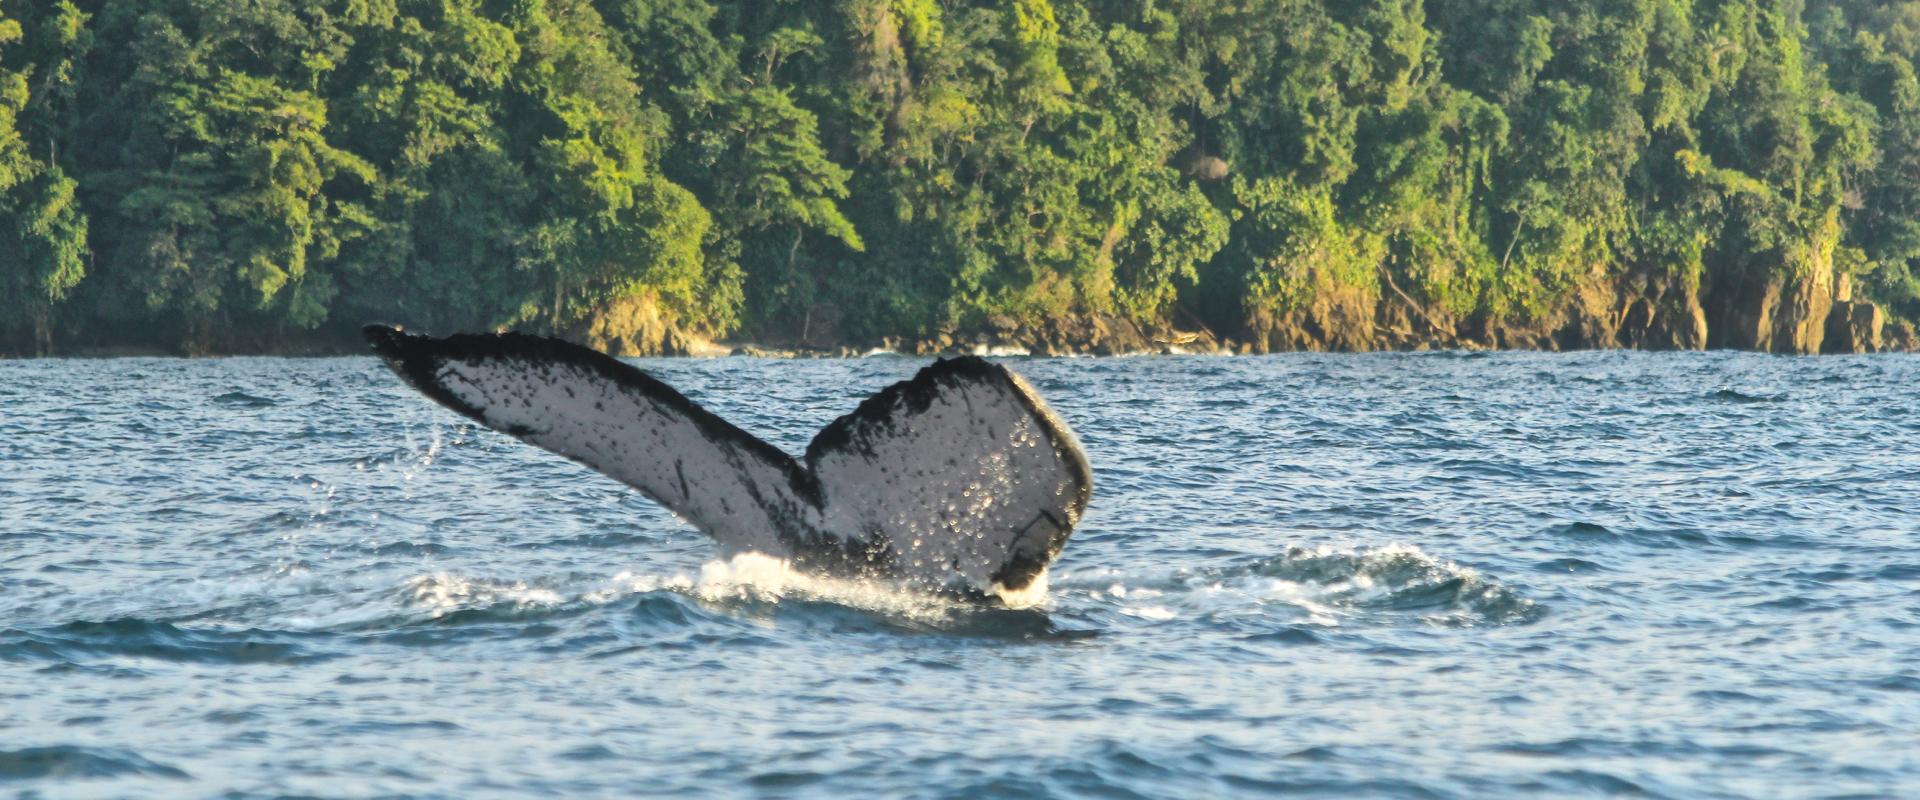 Bahía Solano Ecolodge El Almejal (Ballenas a la vista) 2020